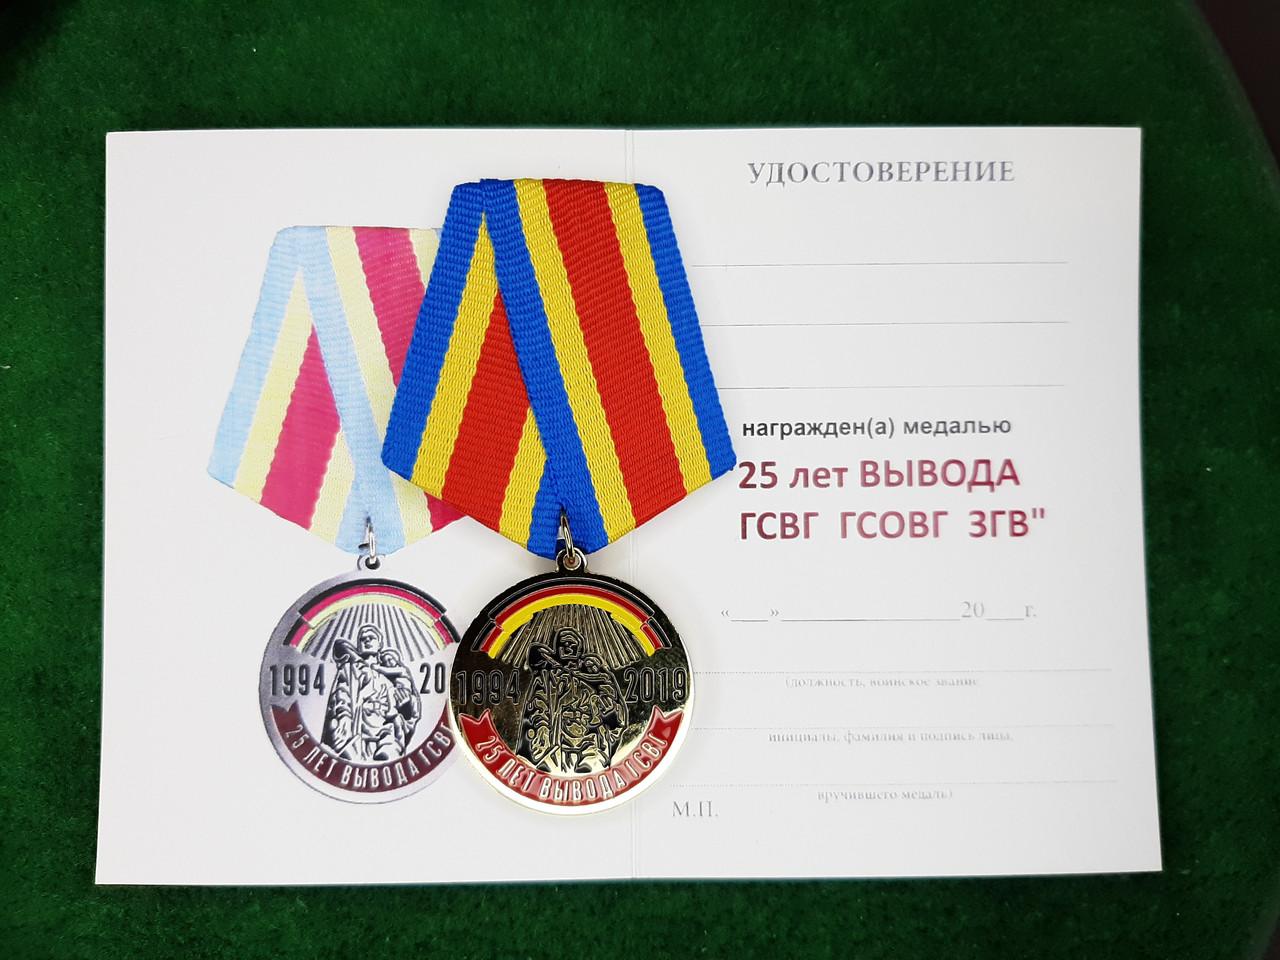 Медаль 25 лет вывода войск ГСВГ ,ЗГВ (Германия) с документом тип.2